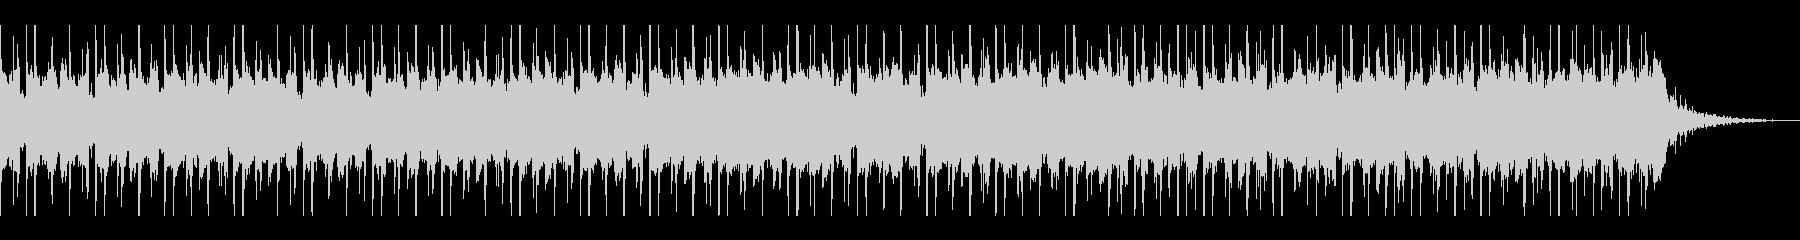 ラマダン(60秒)の未再生の波形